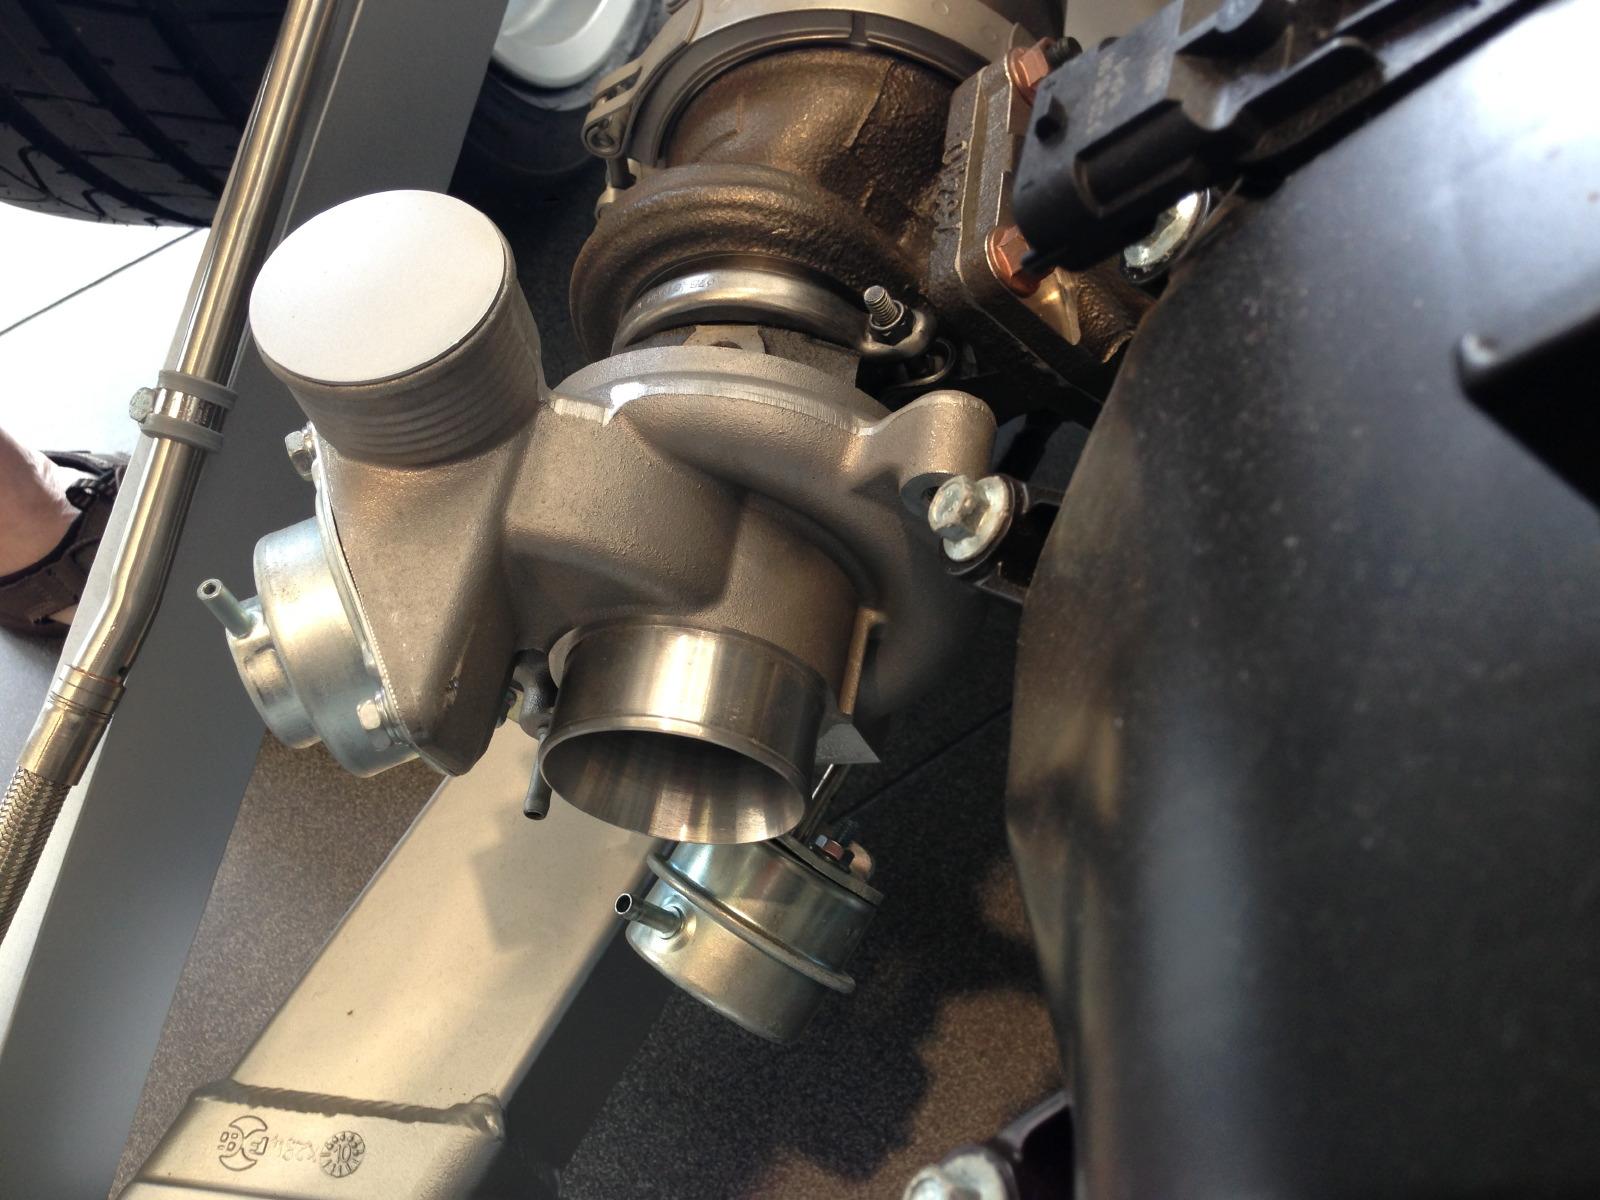 Turbo Mclaren Mclaren-mp4-12c-bare-turbo